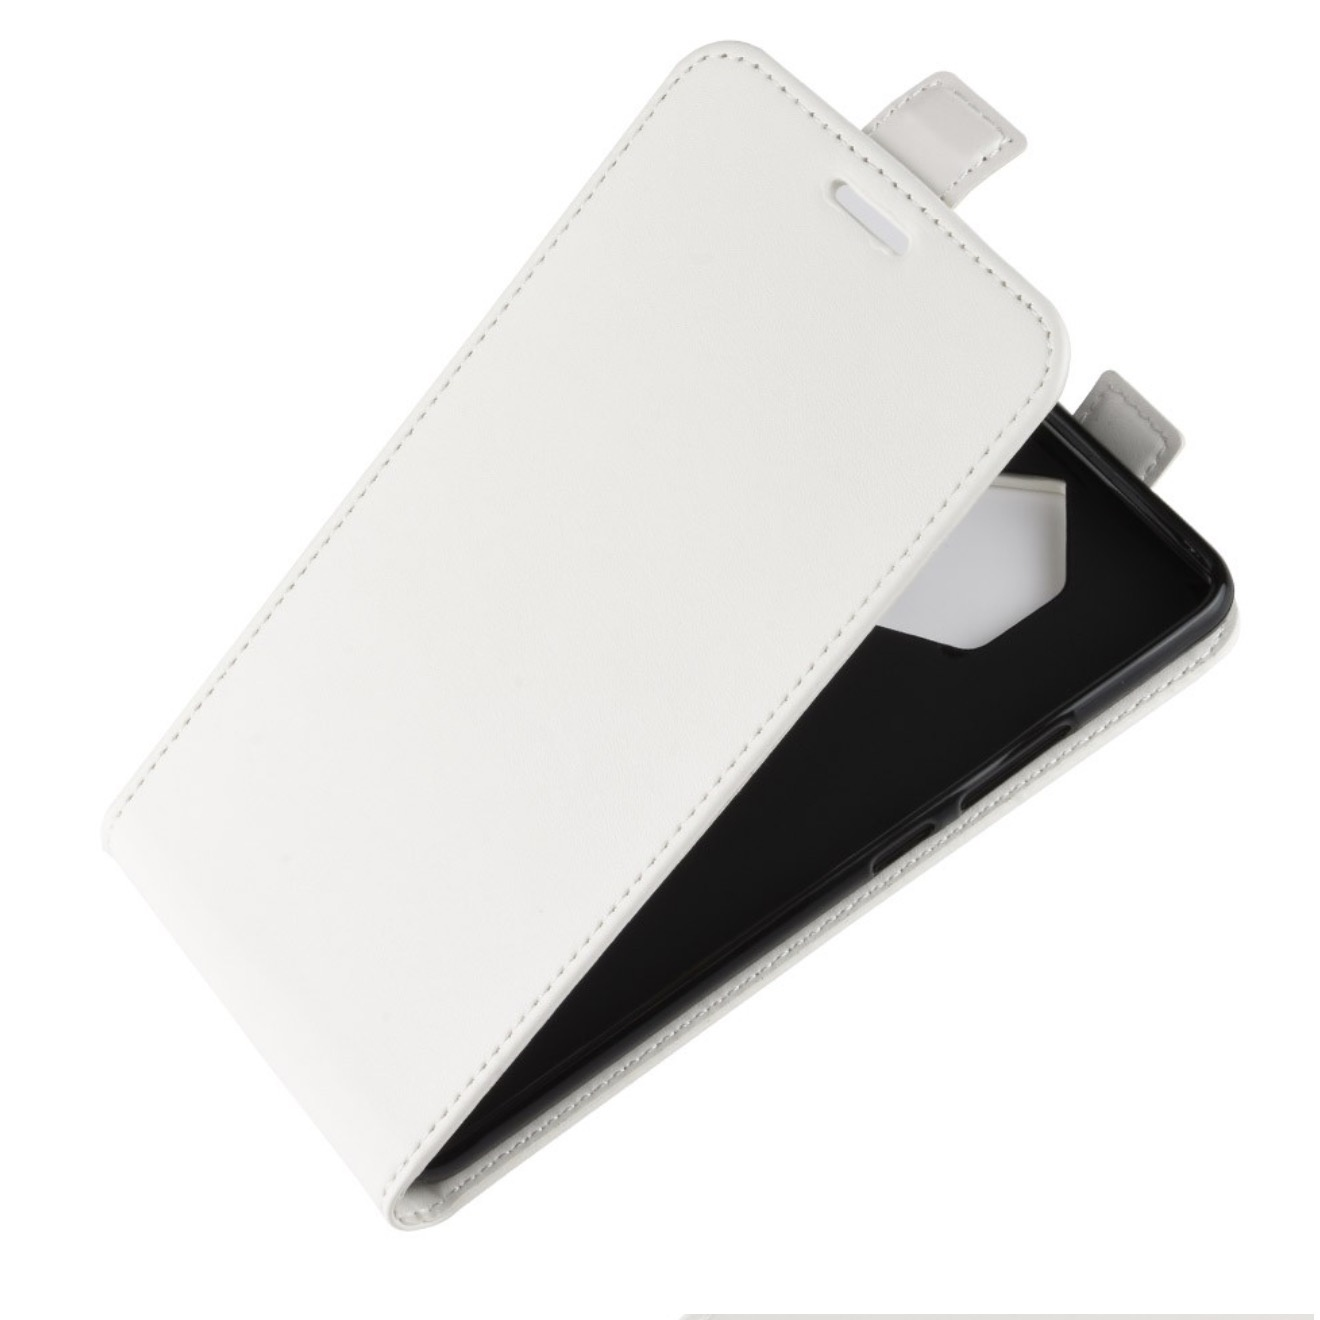 Чехол-флип MyPads для HTC Desire 700 Dual Sim вертикальный откидной белый